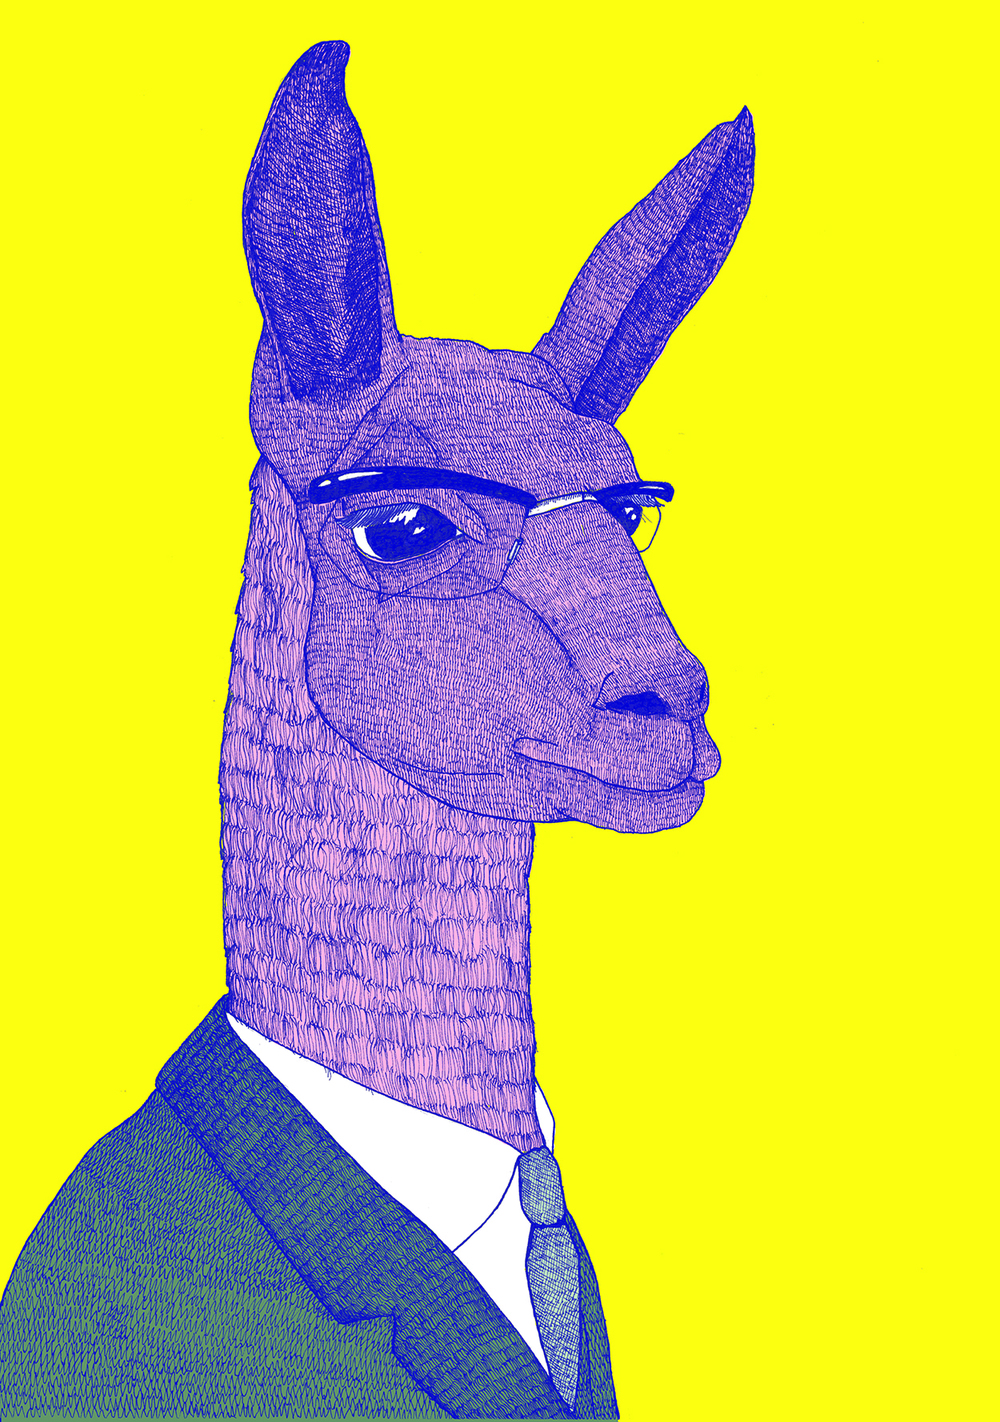 'Llama' By Frank Morris